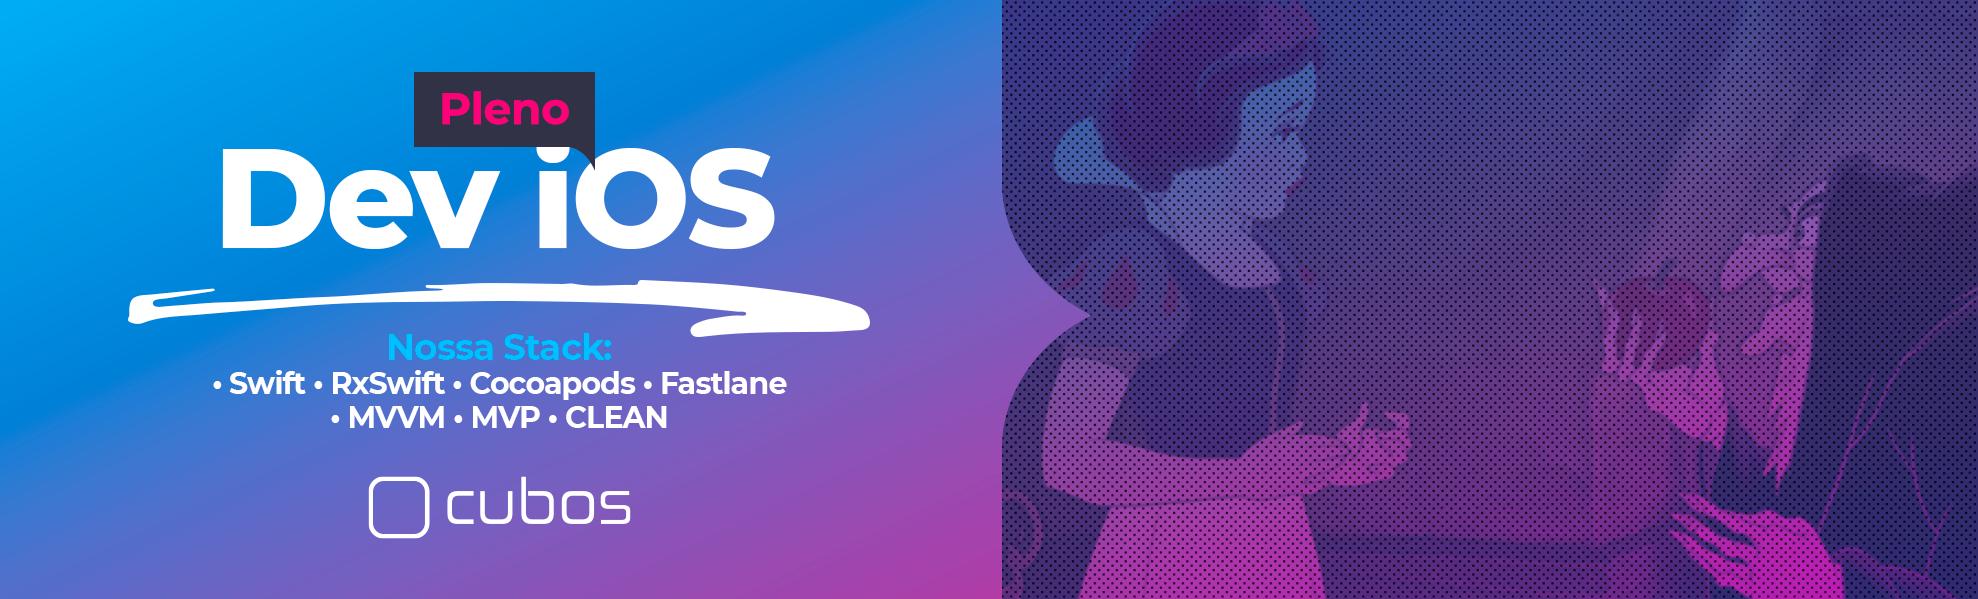 [CUBOS] Pessoa Desenvolvedora iOS Pleno - Recife